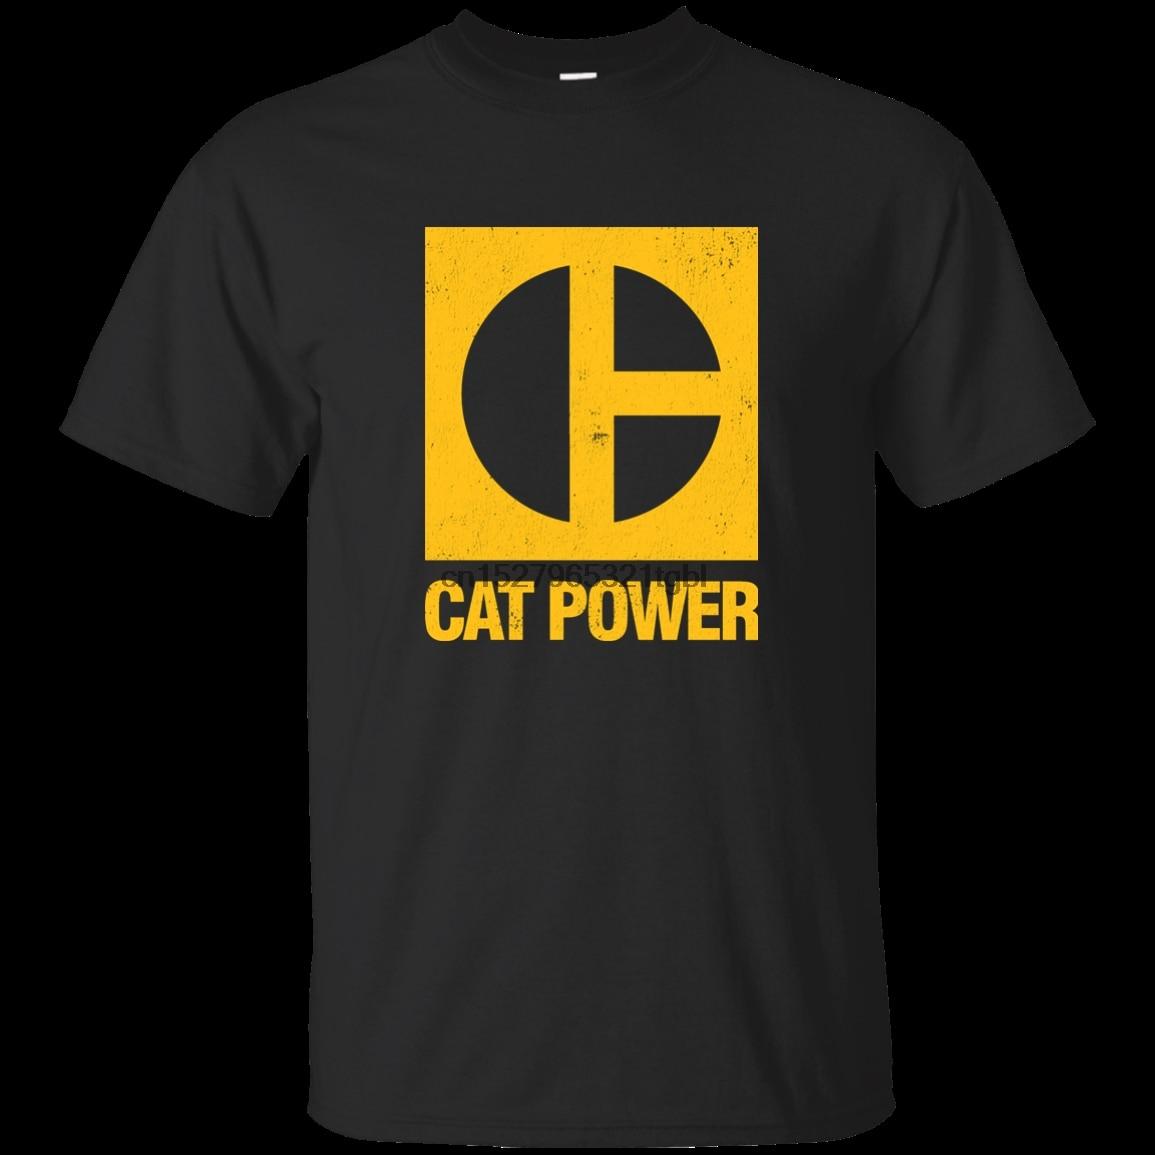 Gato Power Machine equipo de construcción excavadora retroexcavadora Bulldozer Cate Cool Casual pride camiseta hombres Unisex nuevo